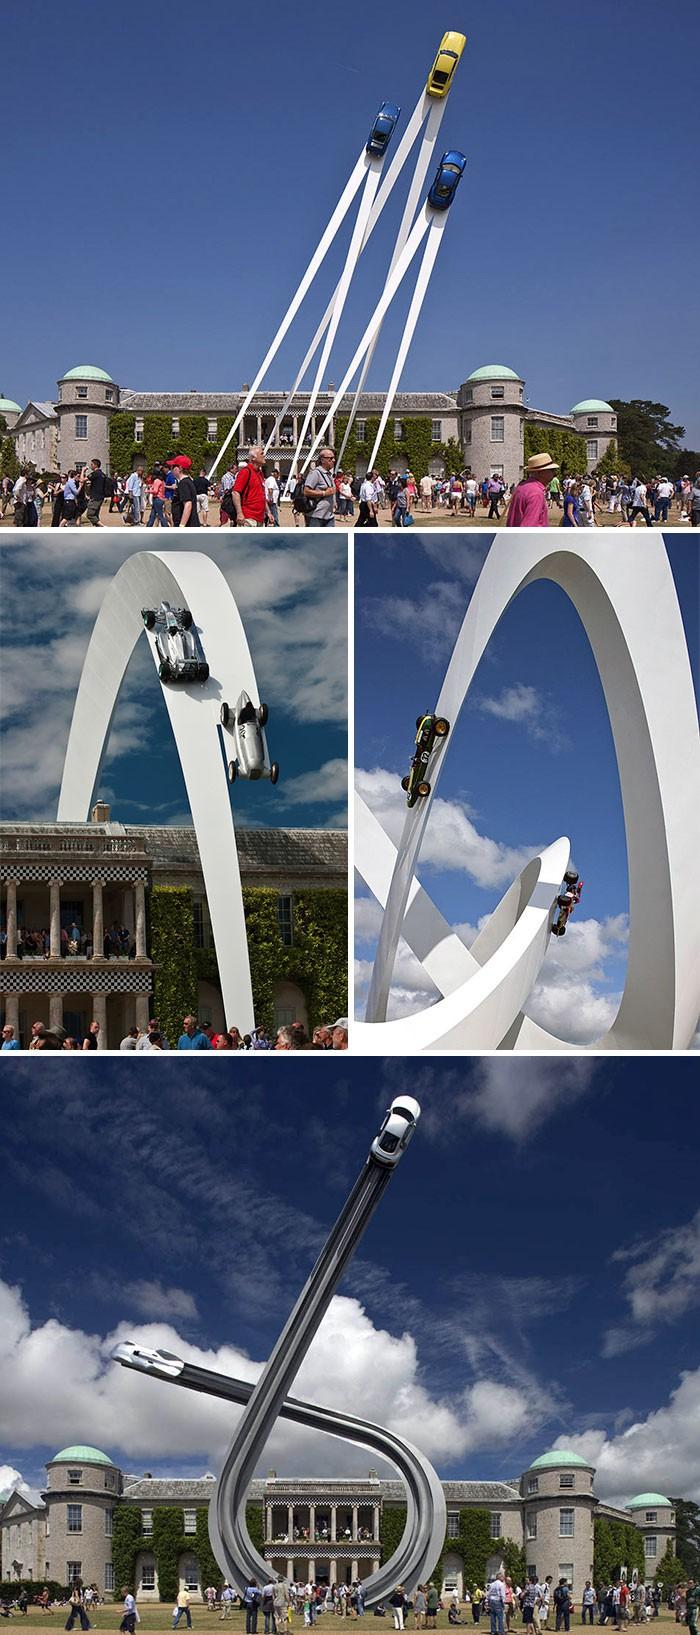 16 công trình điêu khắc ảo diệu khiến bạn tưởng lực hấp dẫn không còn tồn tại - Ảnh 29.